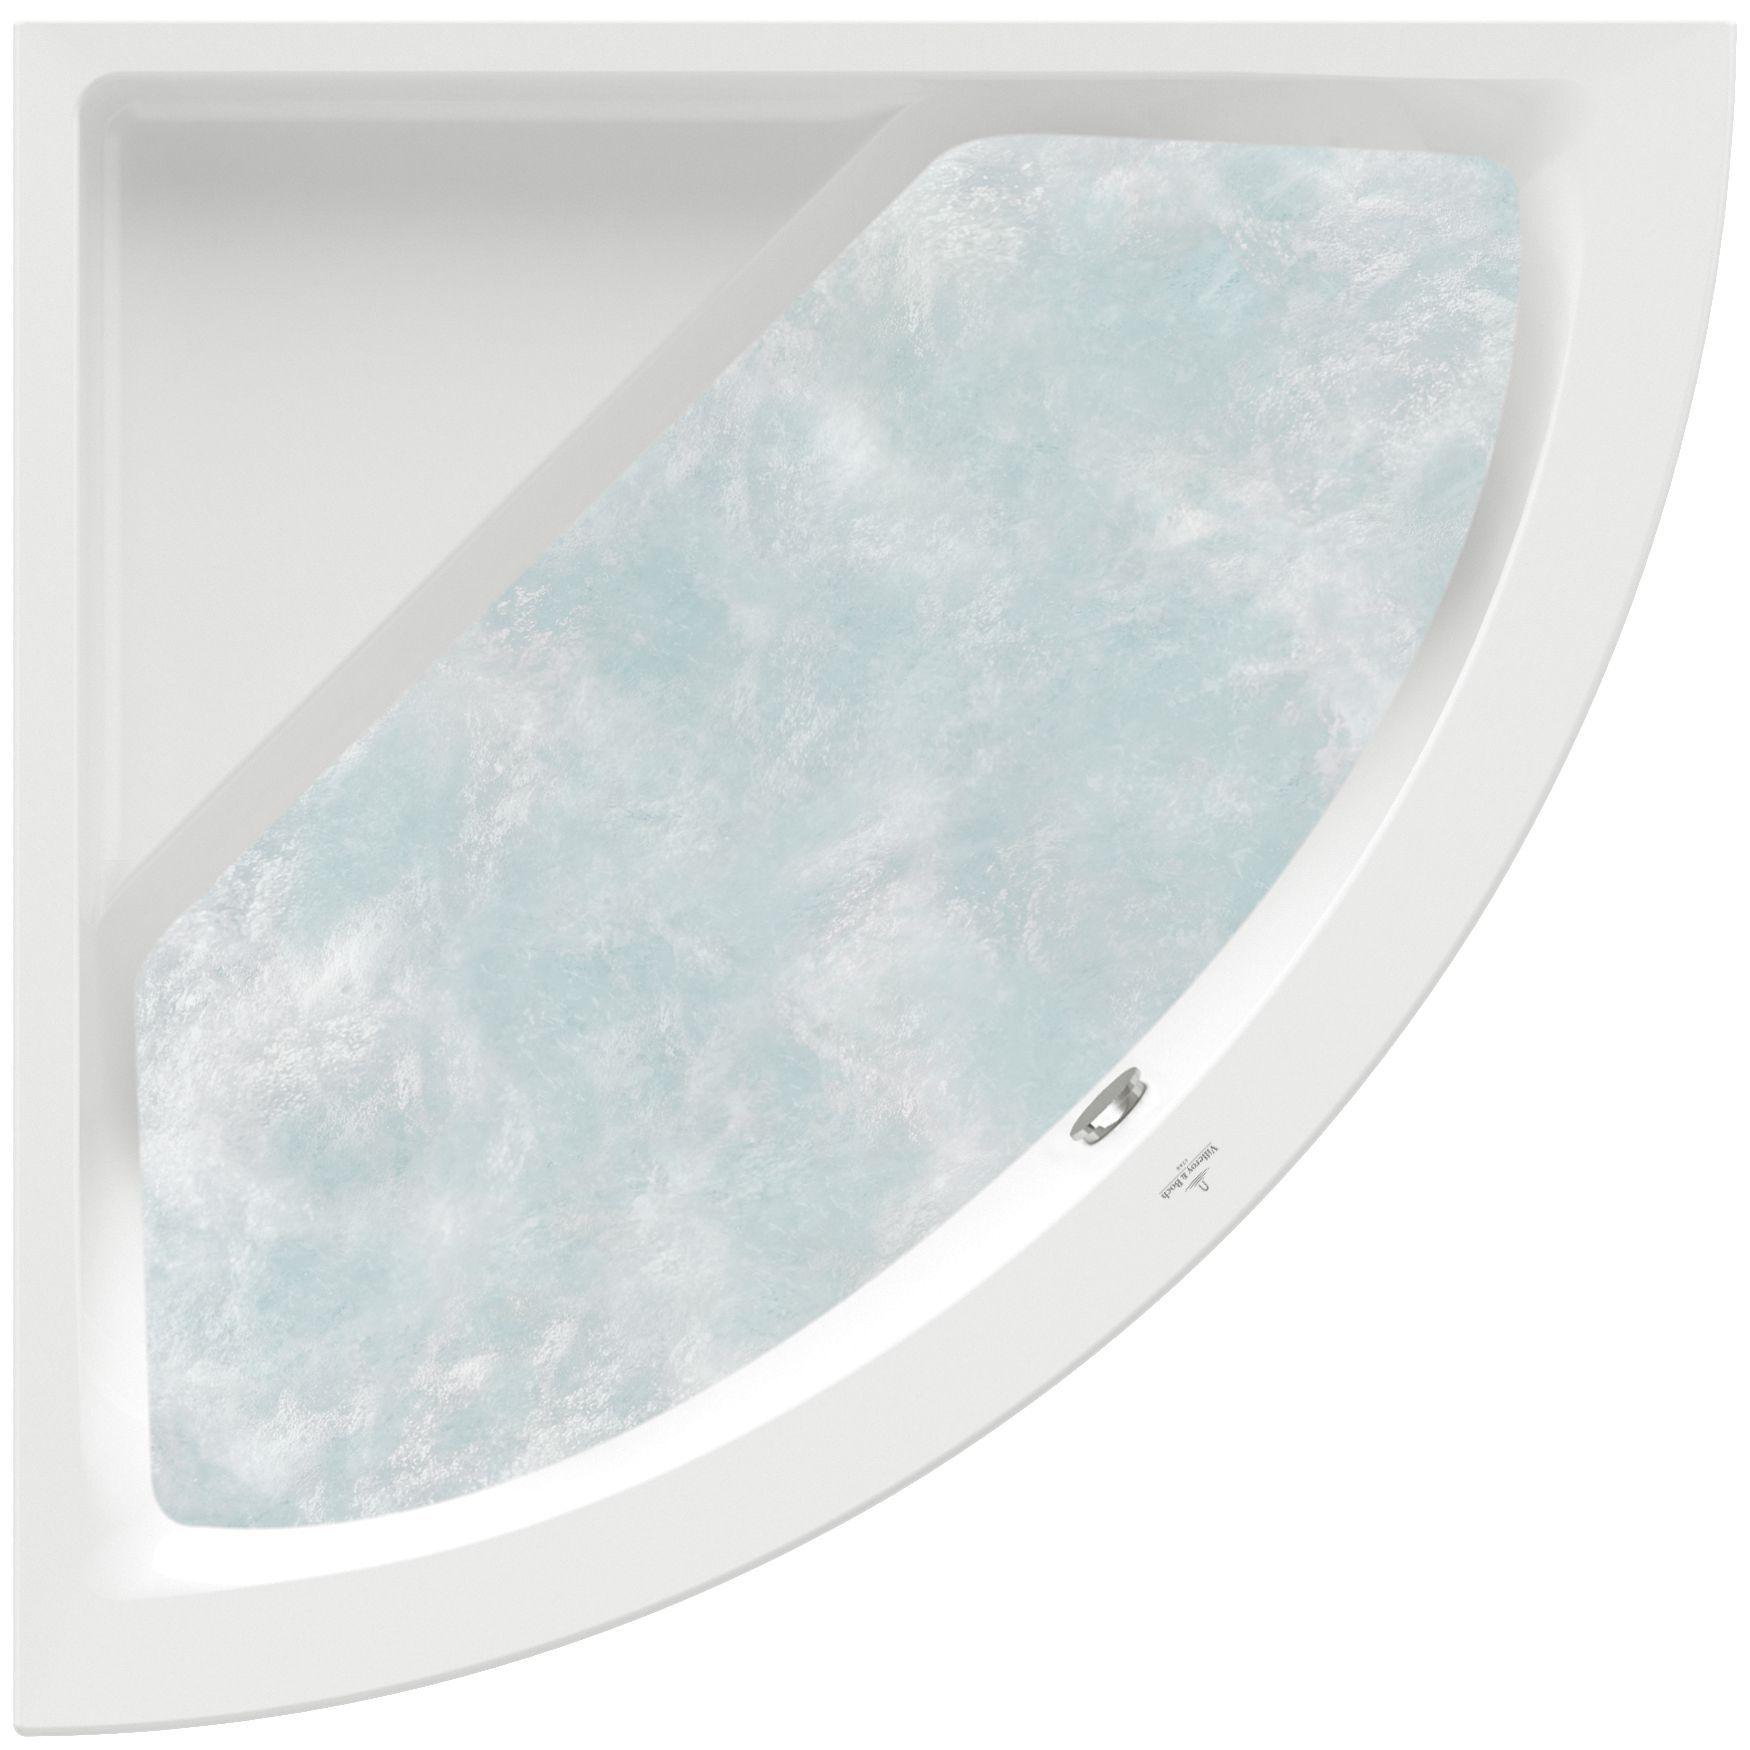 Villeroy & Boch Subway Eck-Badewanne Technik Position 2 L:130xB:130xcm weiß UAP130SUB3B2V01